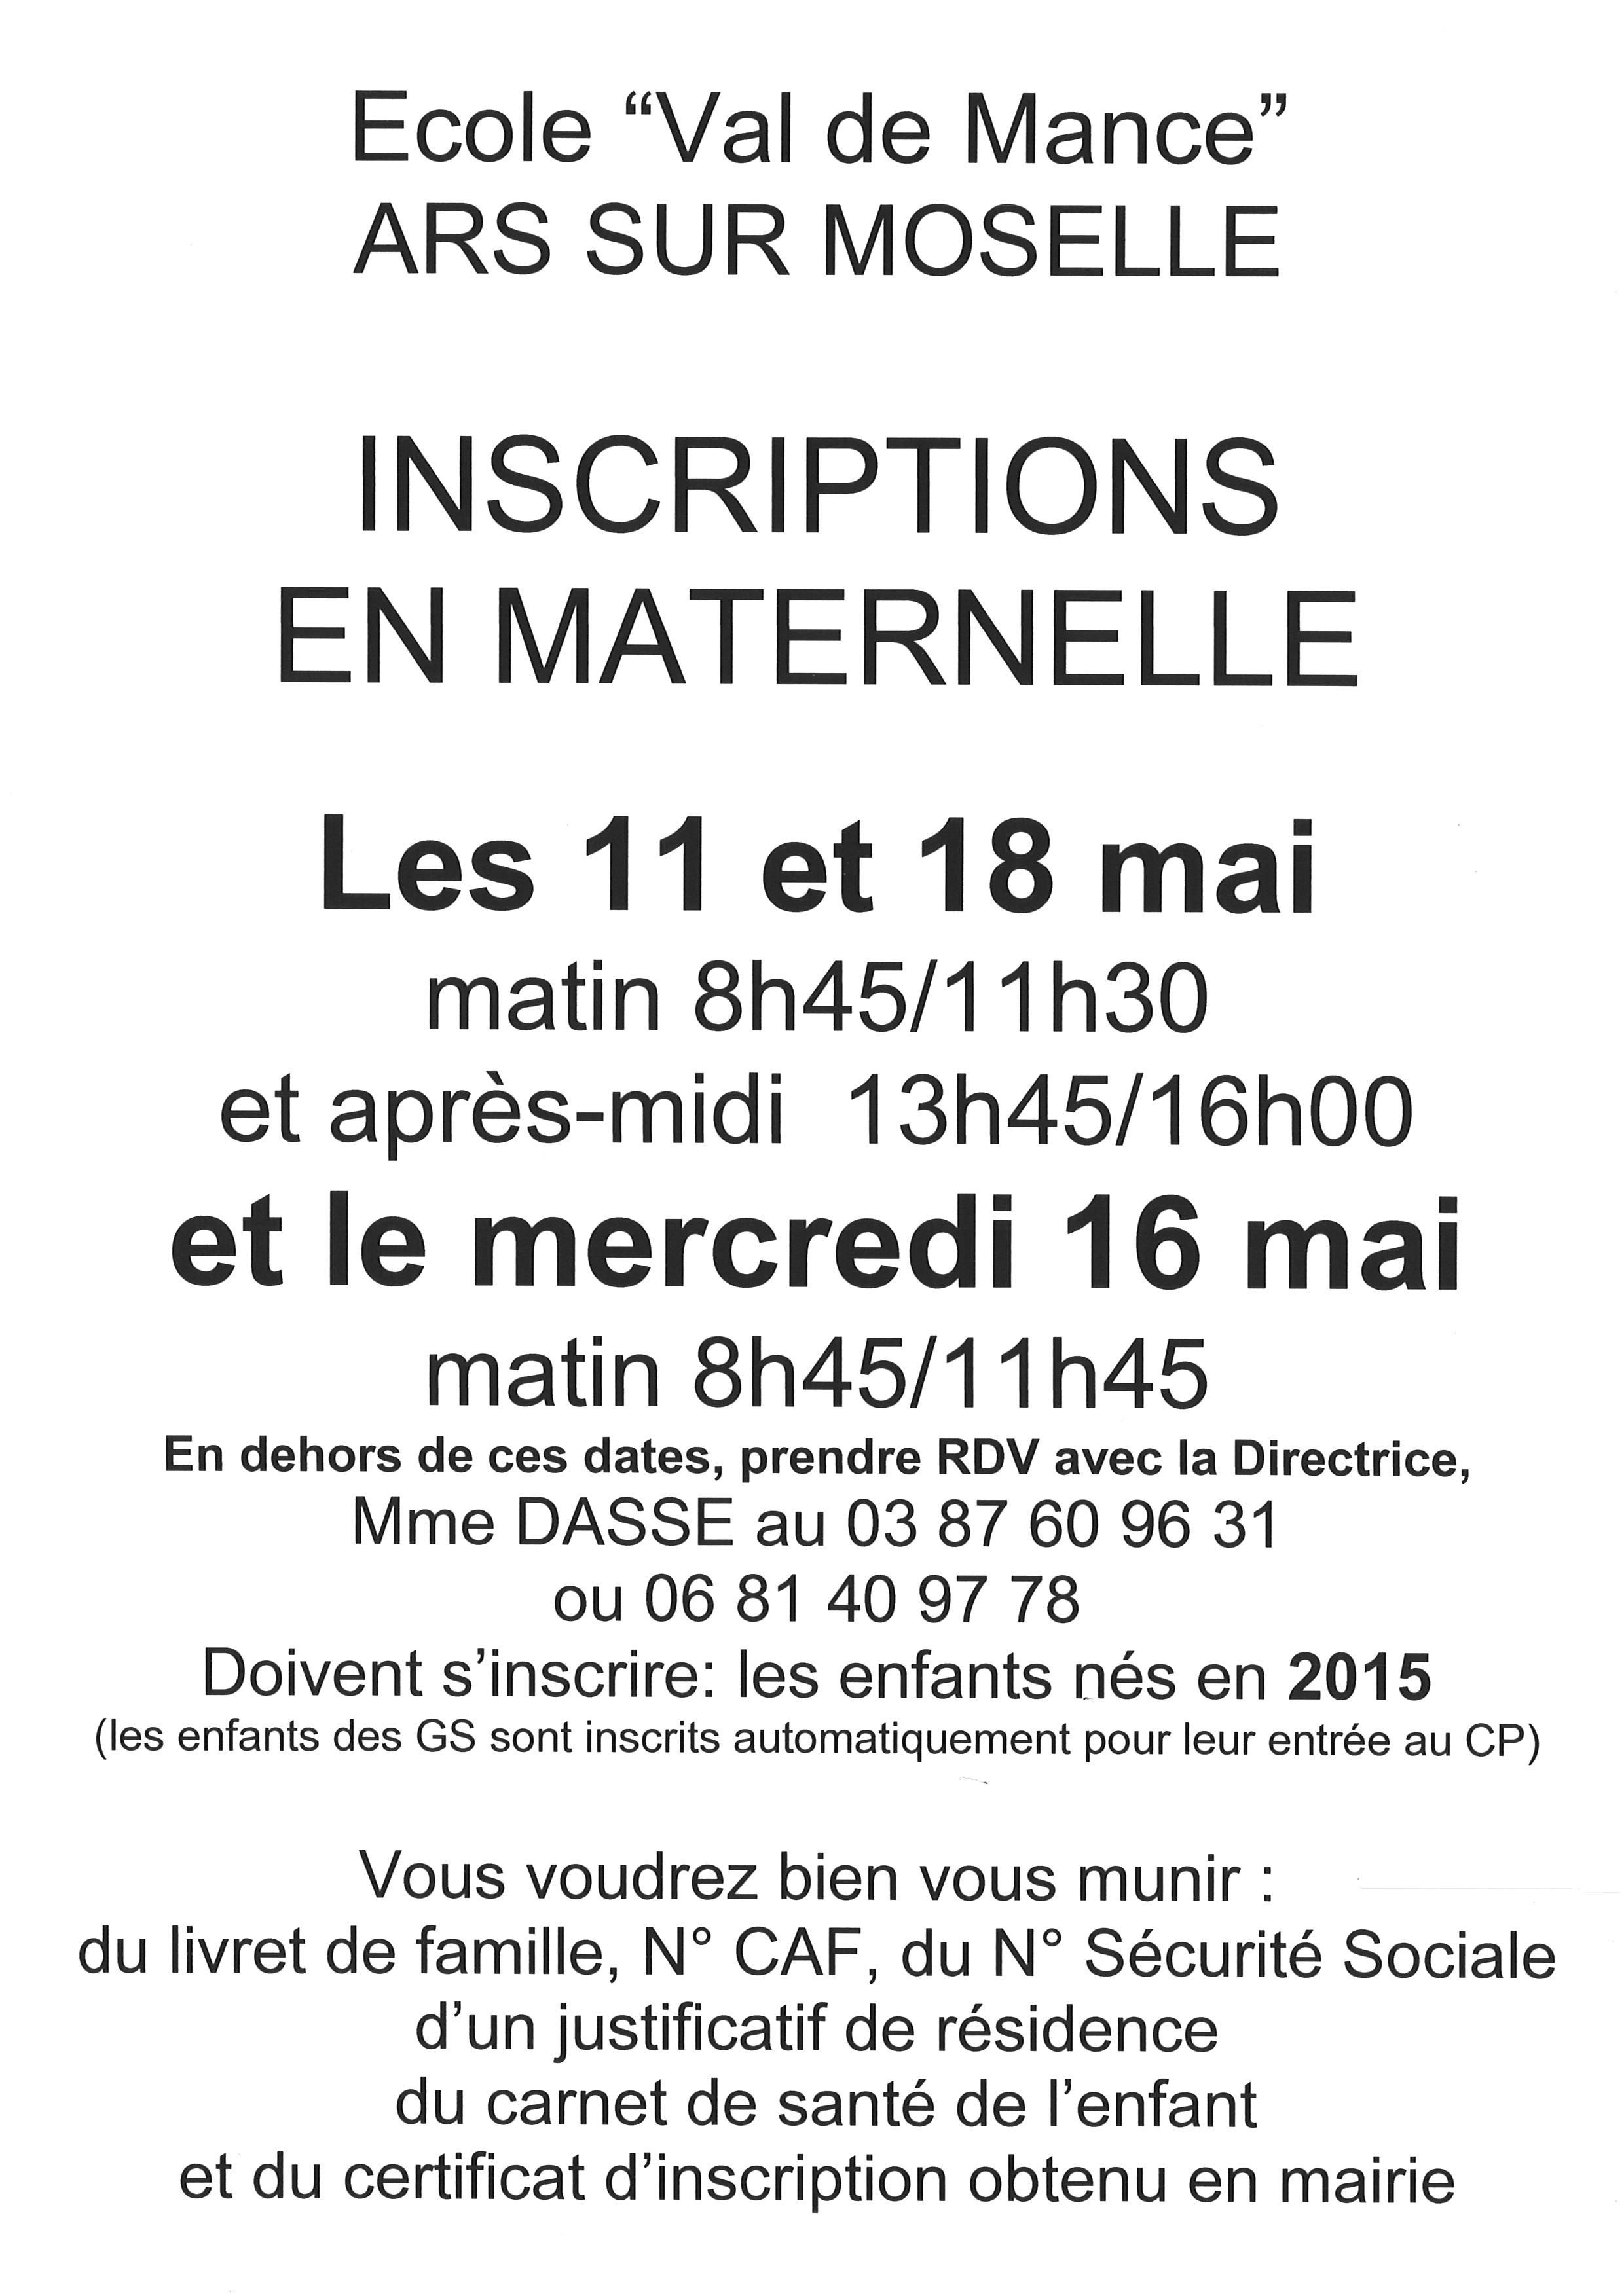 INSCRIPTIONS EN MATERNELLE les 11,16,18 mai